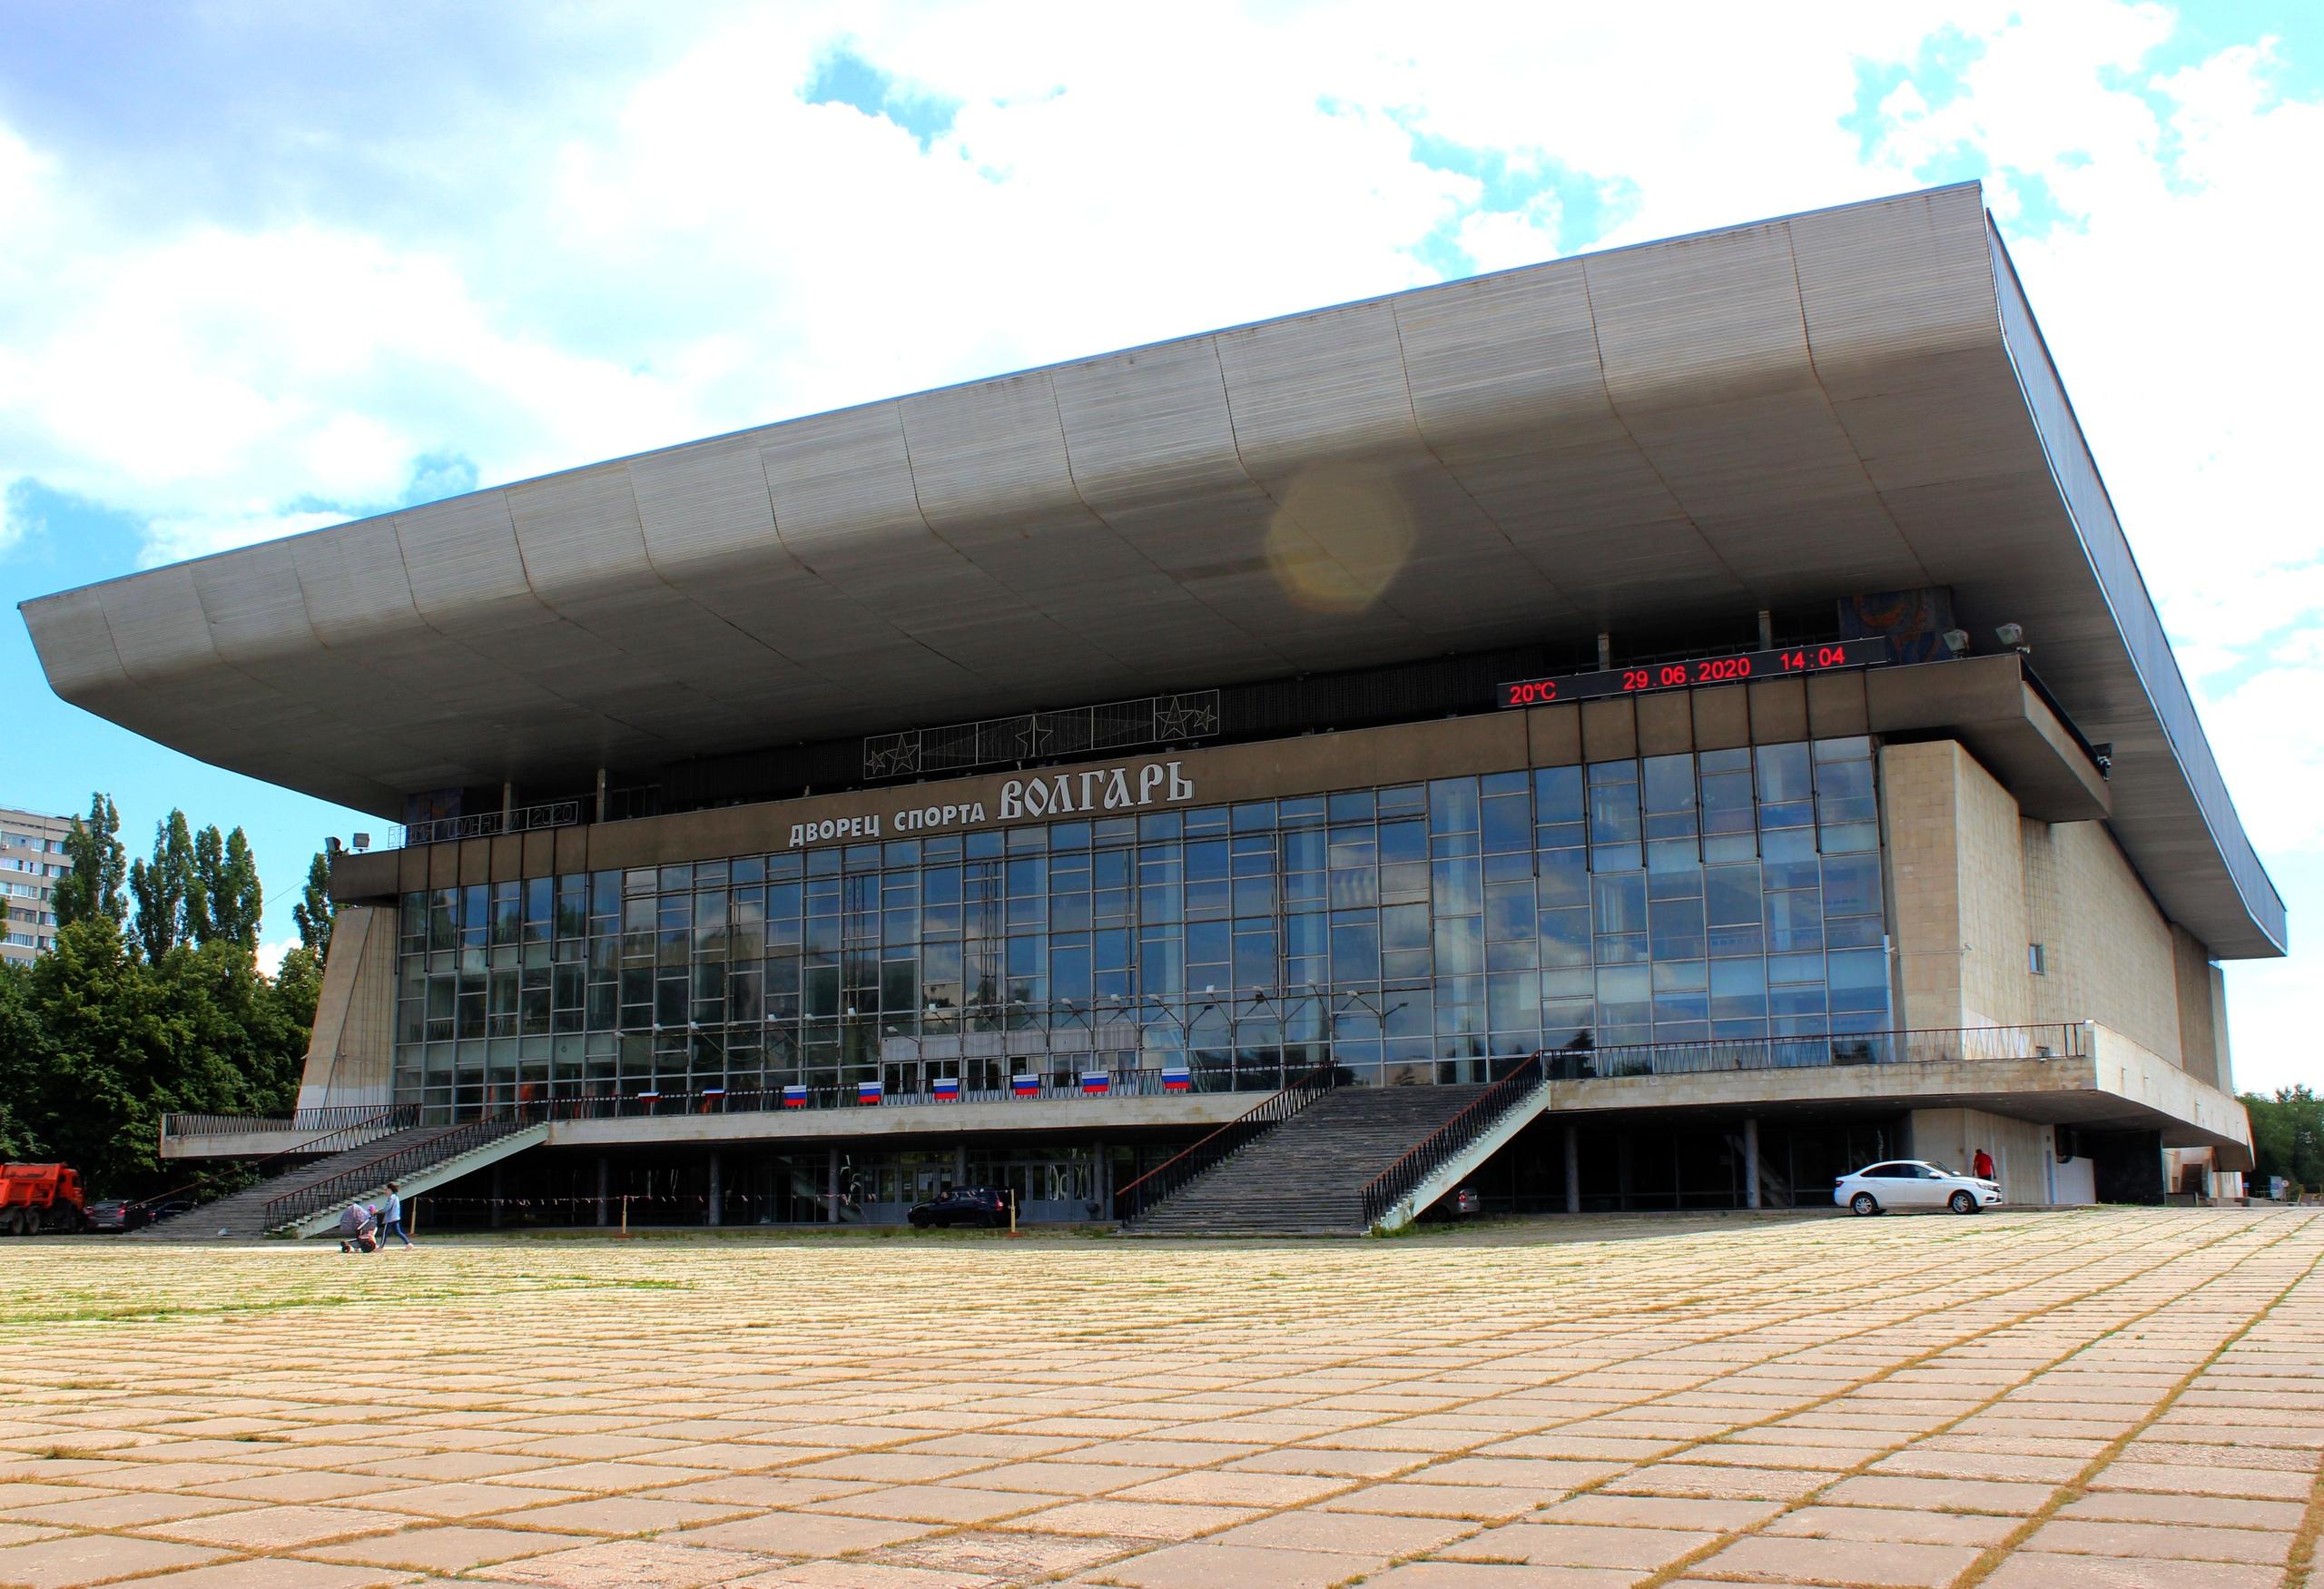 В Тольятти отложили капремонт Дворца спорта «Волгарь»